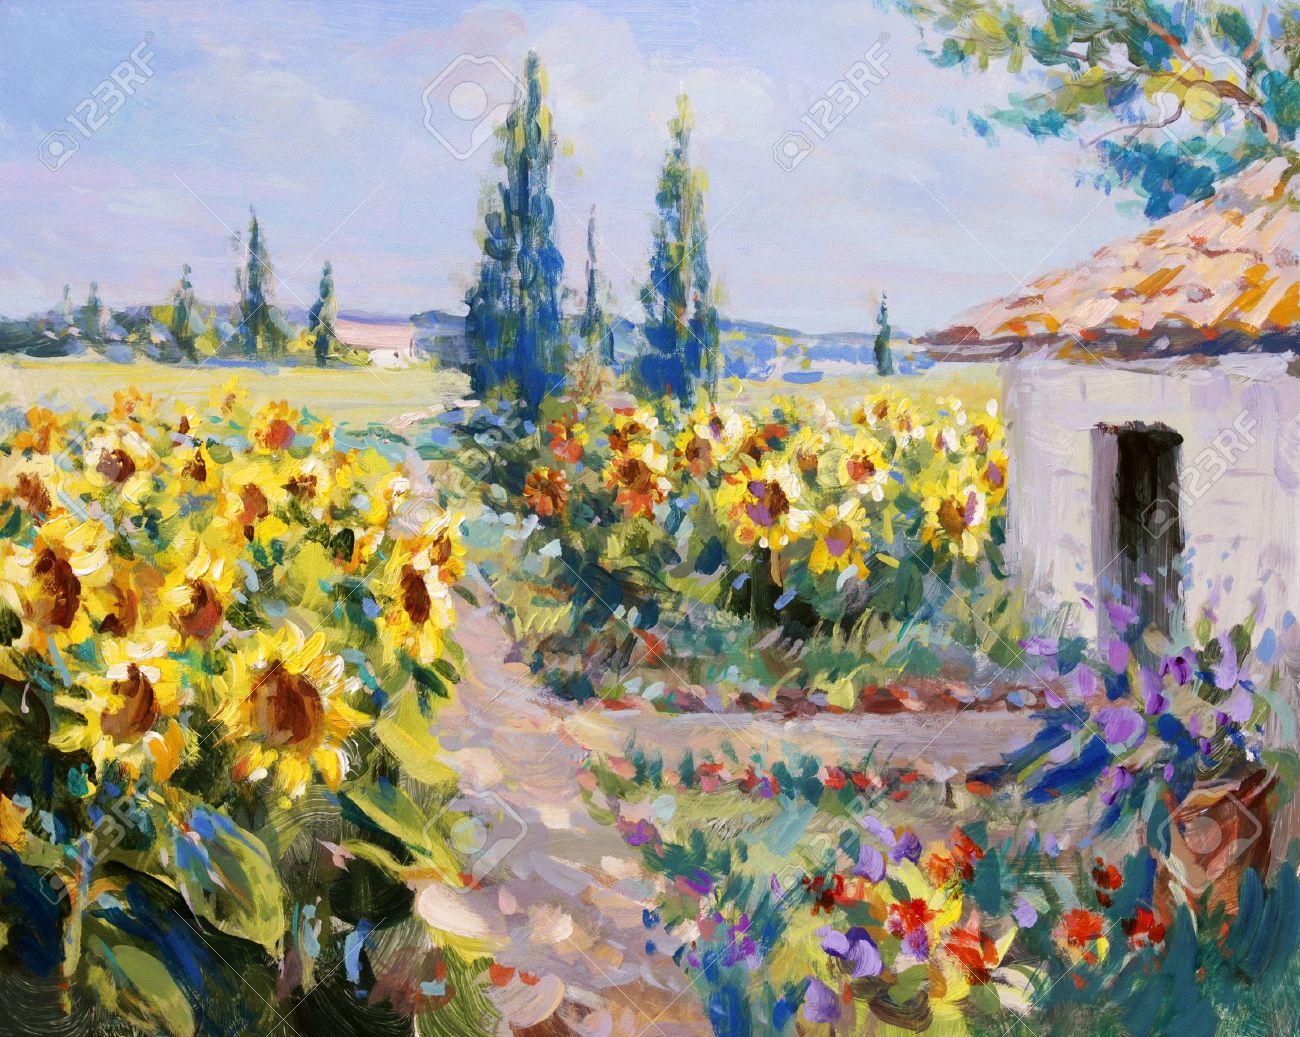 Landschaftsmalerei impressionismus  Sommer Landschaft Malerei - Acrylfarben Auf Hartfaserplatte ...